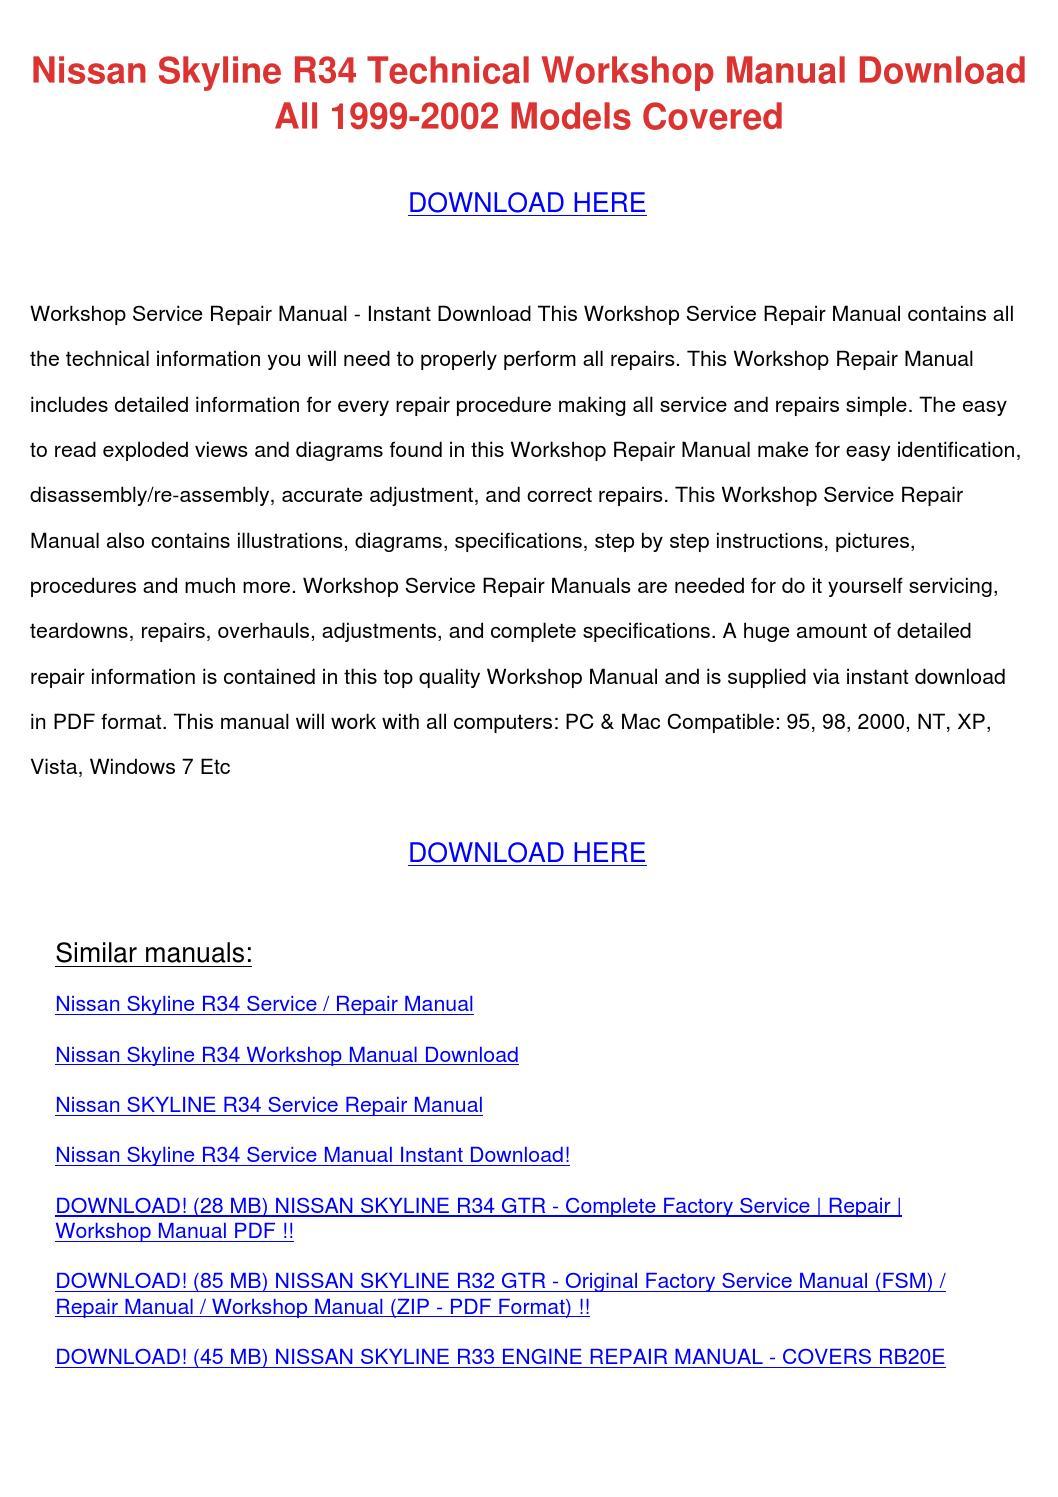 nissan fsm pdf